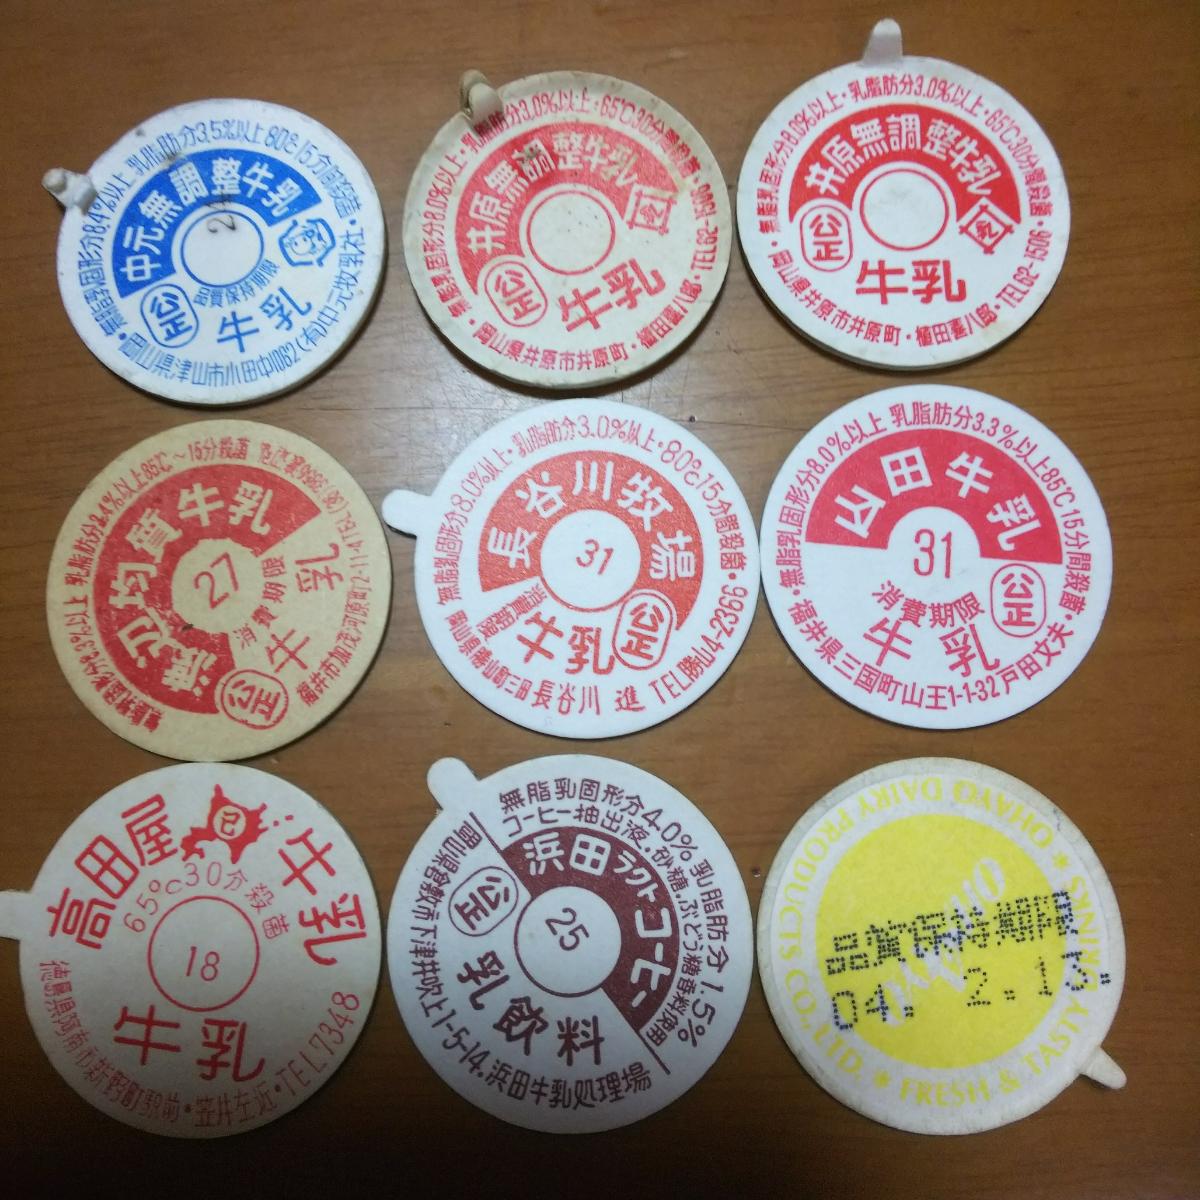 古い牛乳キャップ一括 メグミルク 日本ミルクコミュニティ名古屋工場 犬飼クラフトコーヒー 井原無調整牛乳 中元無調整牛乳 _画像6